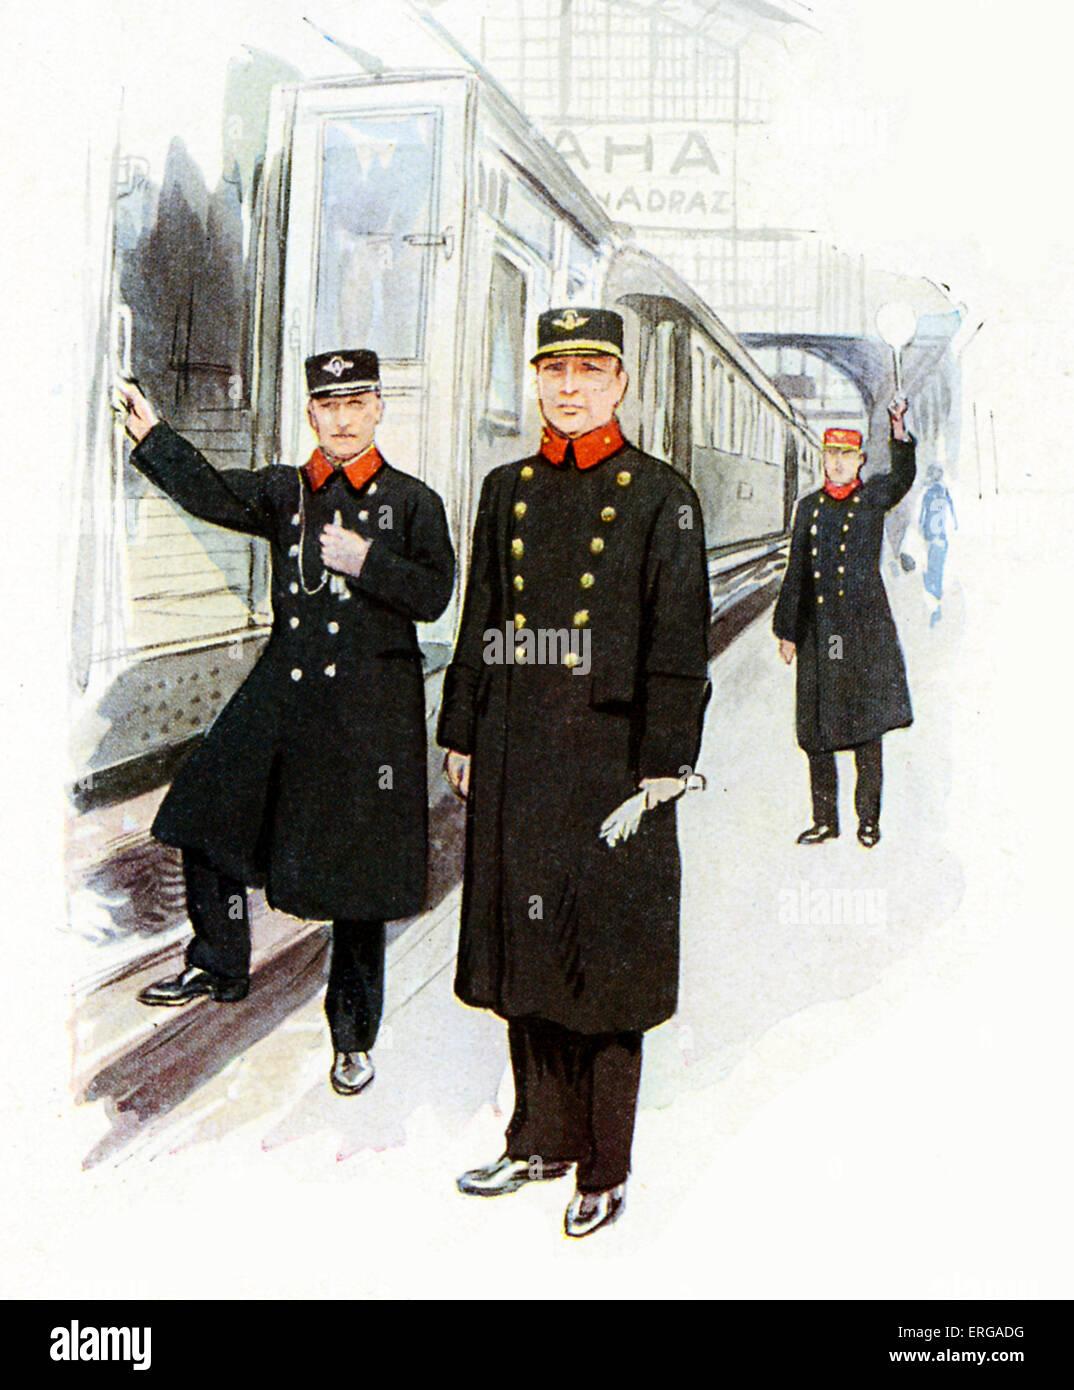 Les uniformes du personnel ferroviaire, 1920-30s: gare tchécoslovaques, maître d'orchestre et Photo Stock